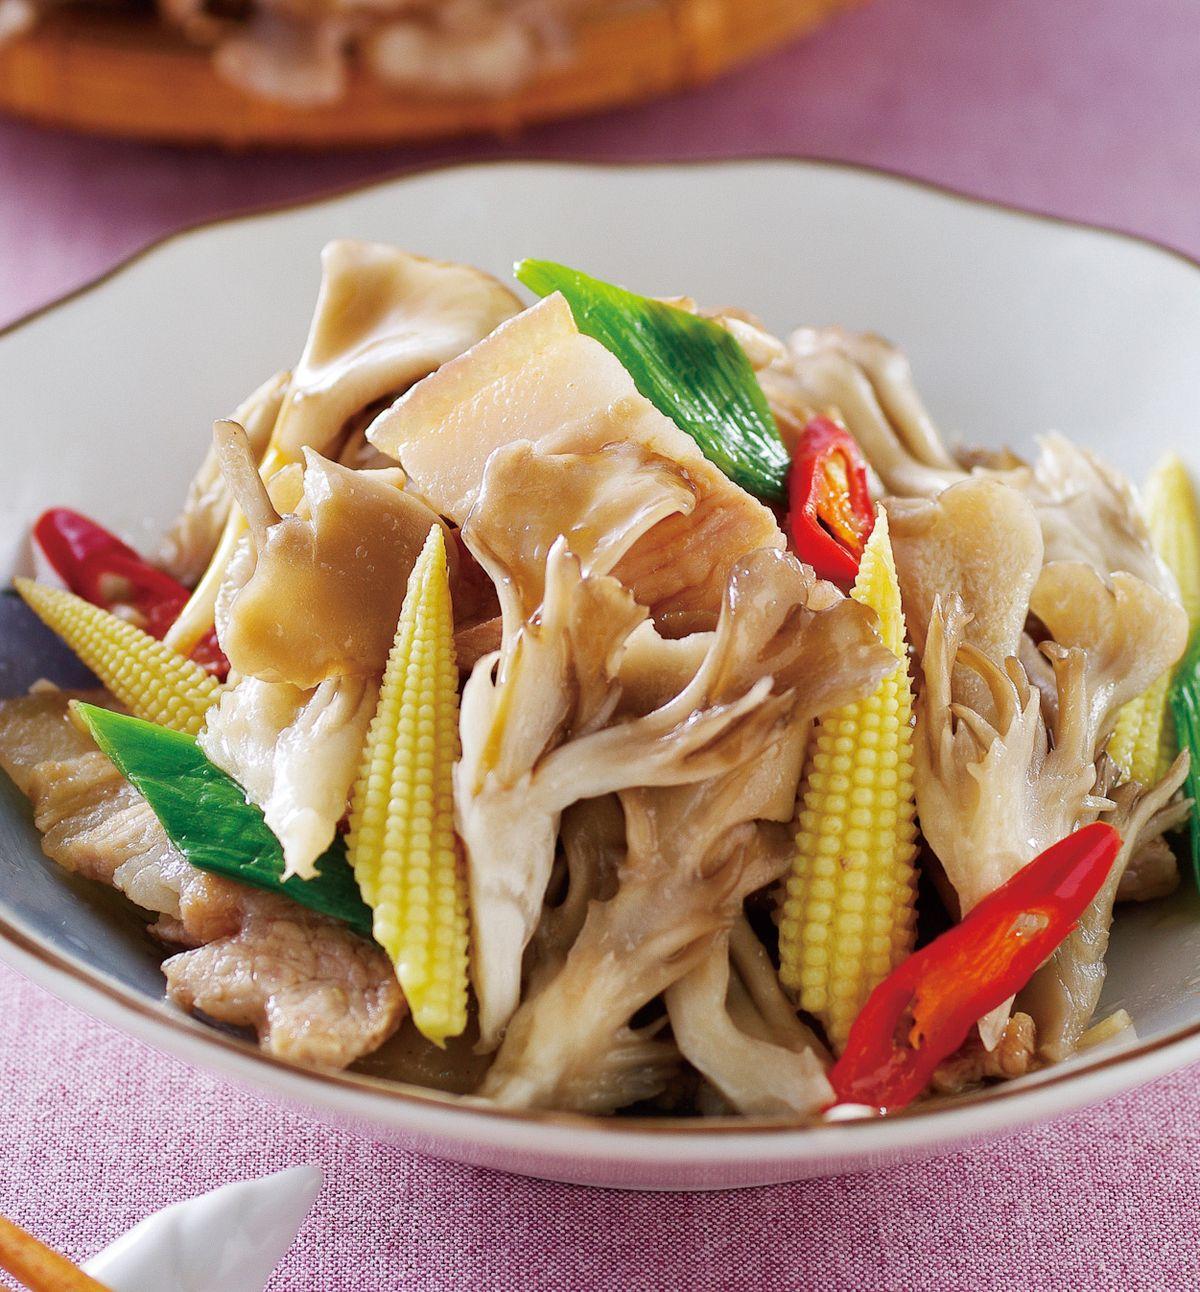 食譜:蒜香五花鮮菇